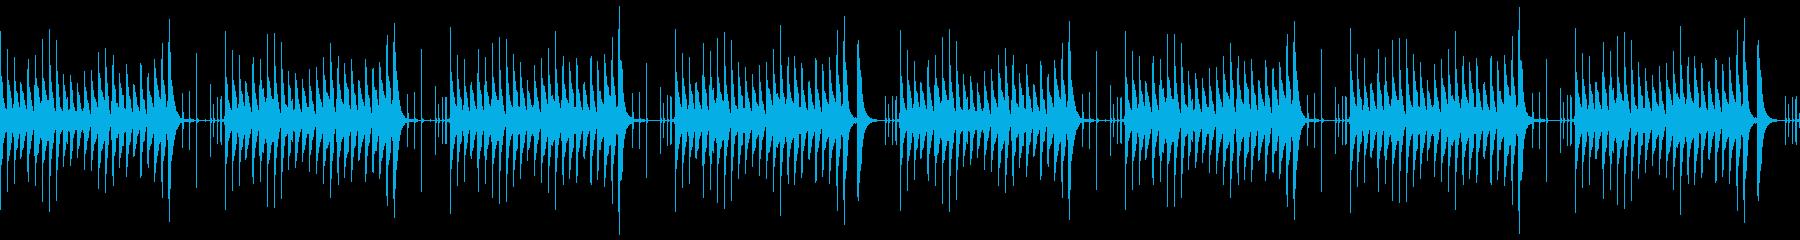 木琴とタブラの明るいループの再生済みの波形